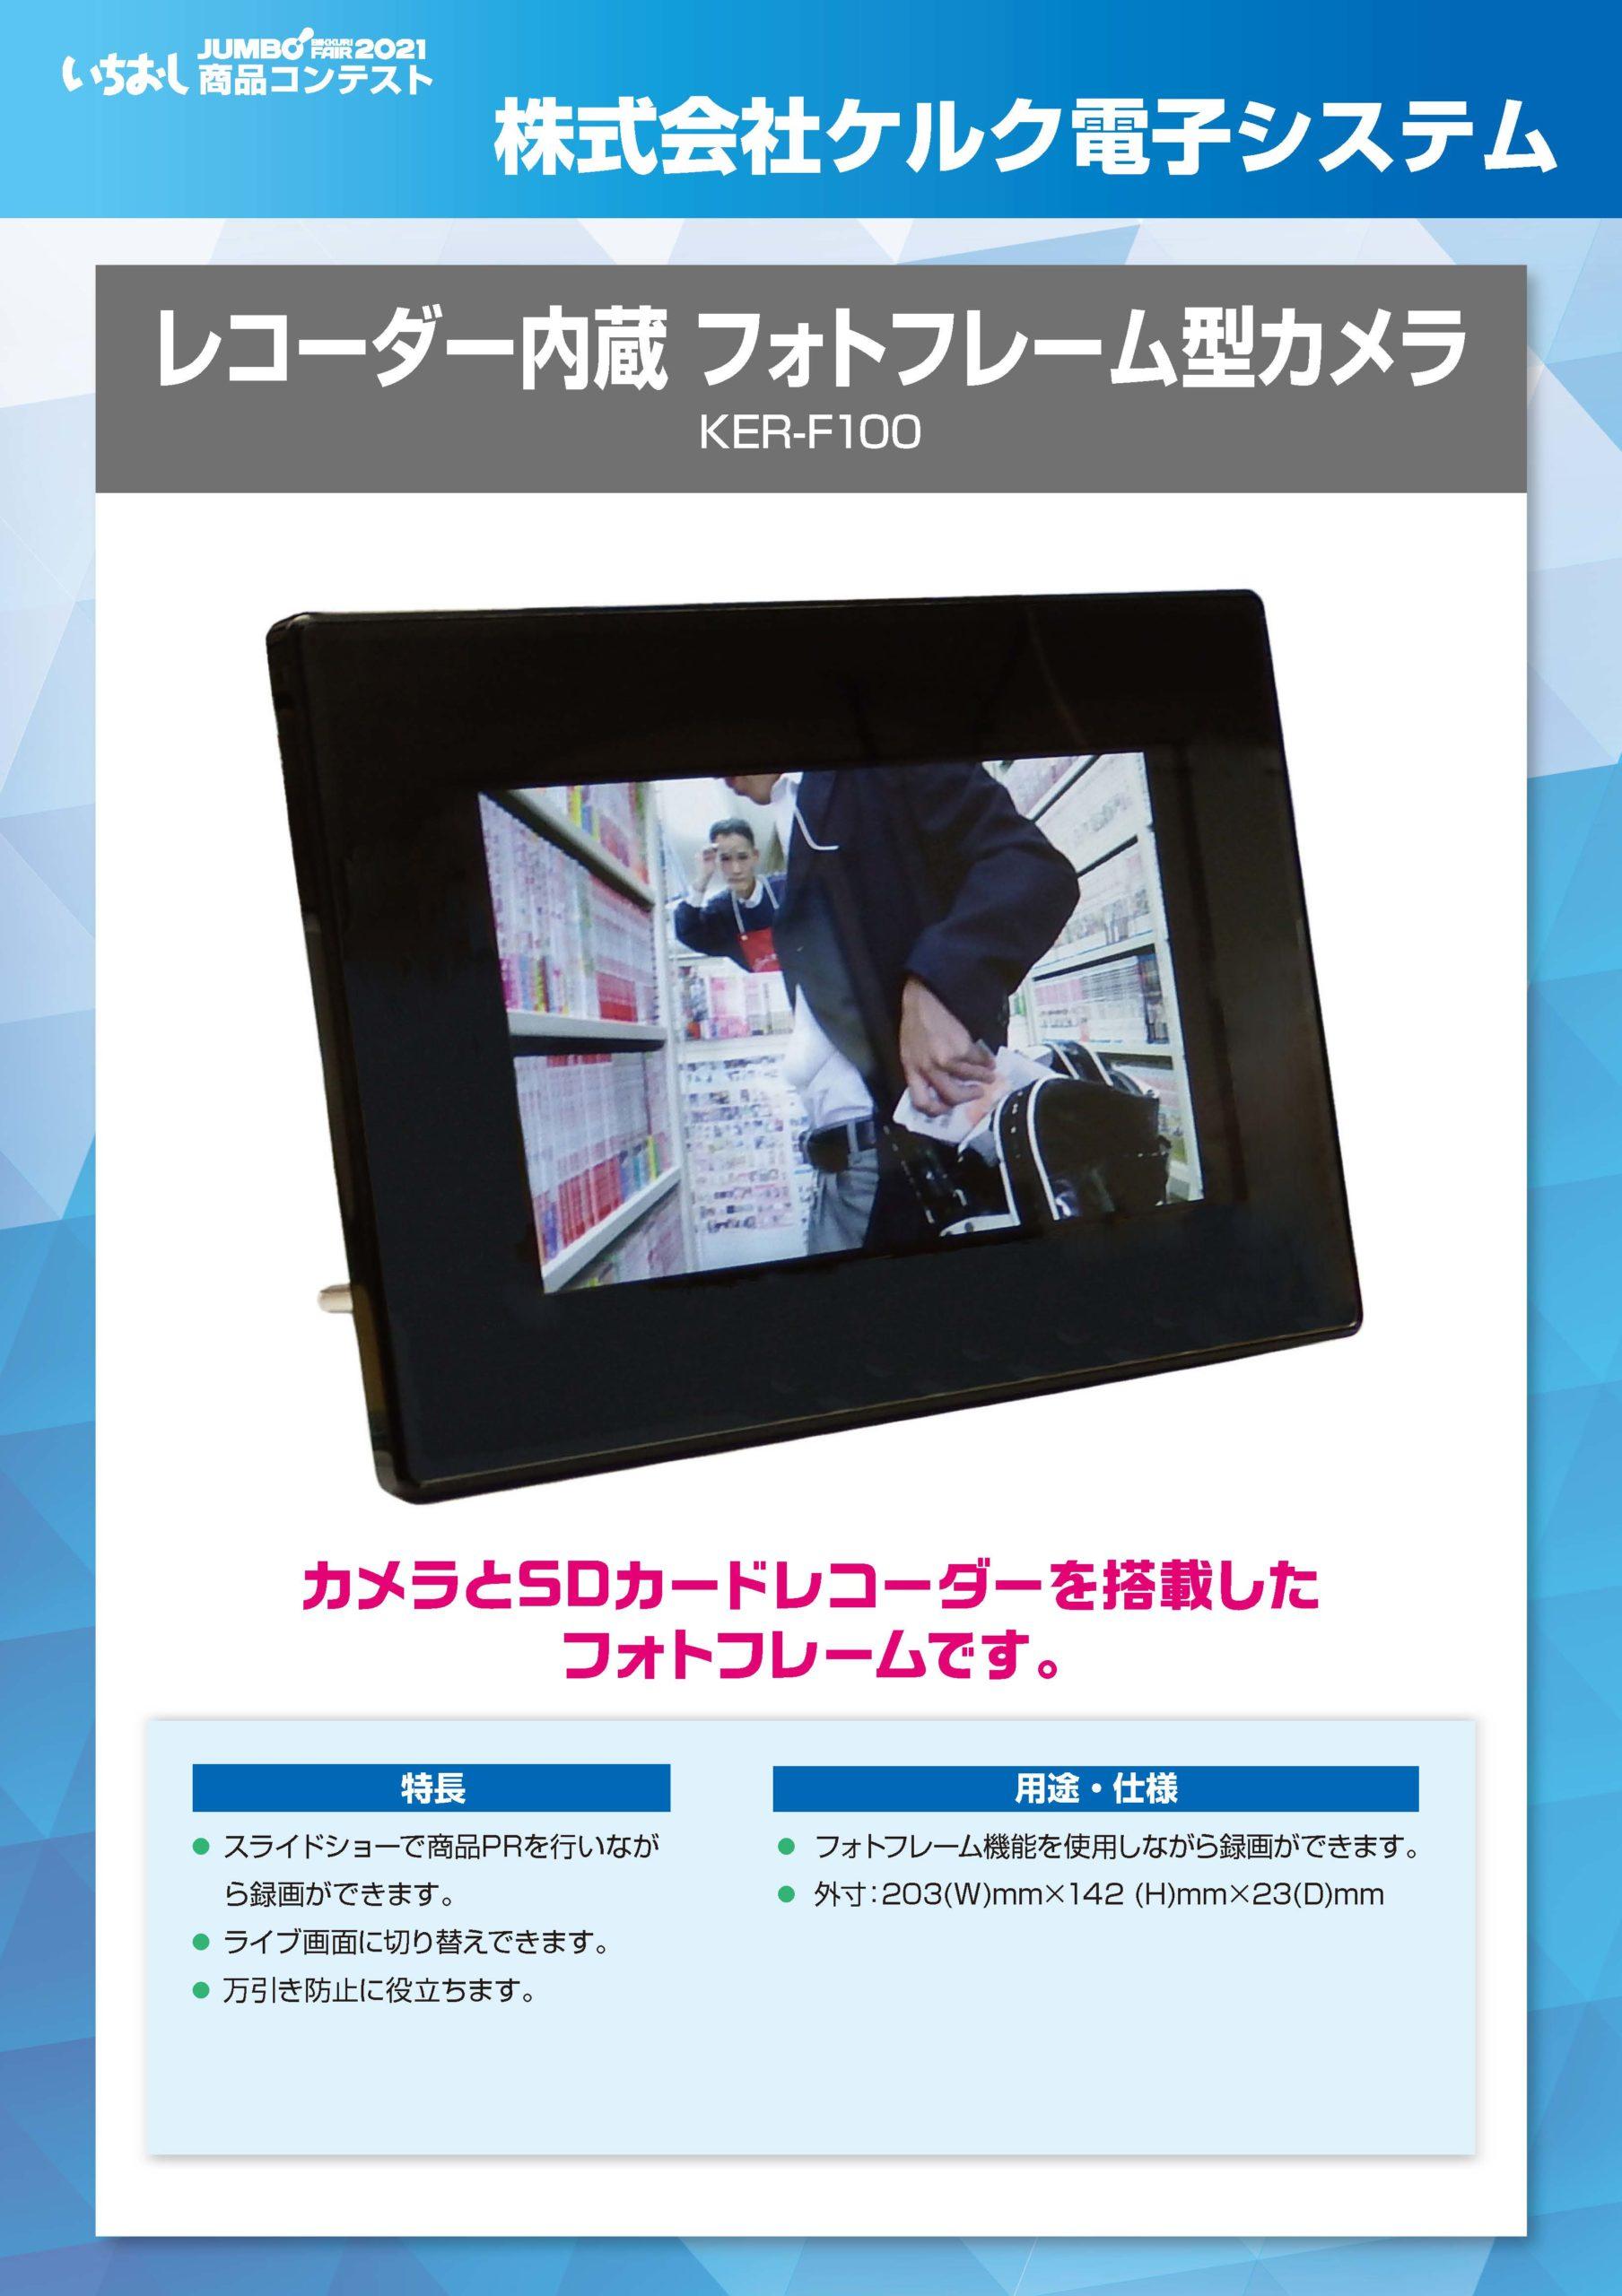 「レコーダー内蔵 フォトフレーム型カメラ」株式会社ケルク電子システムの画像